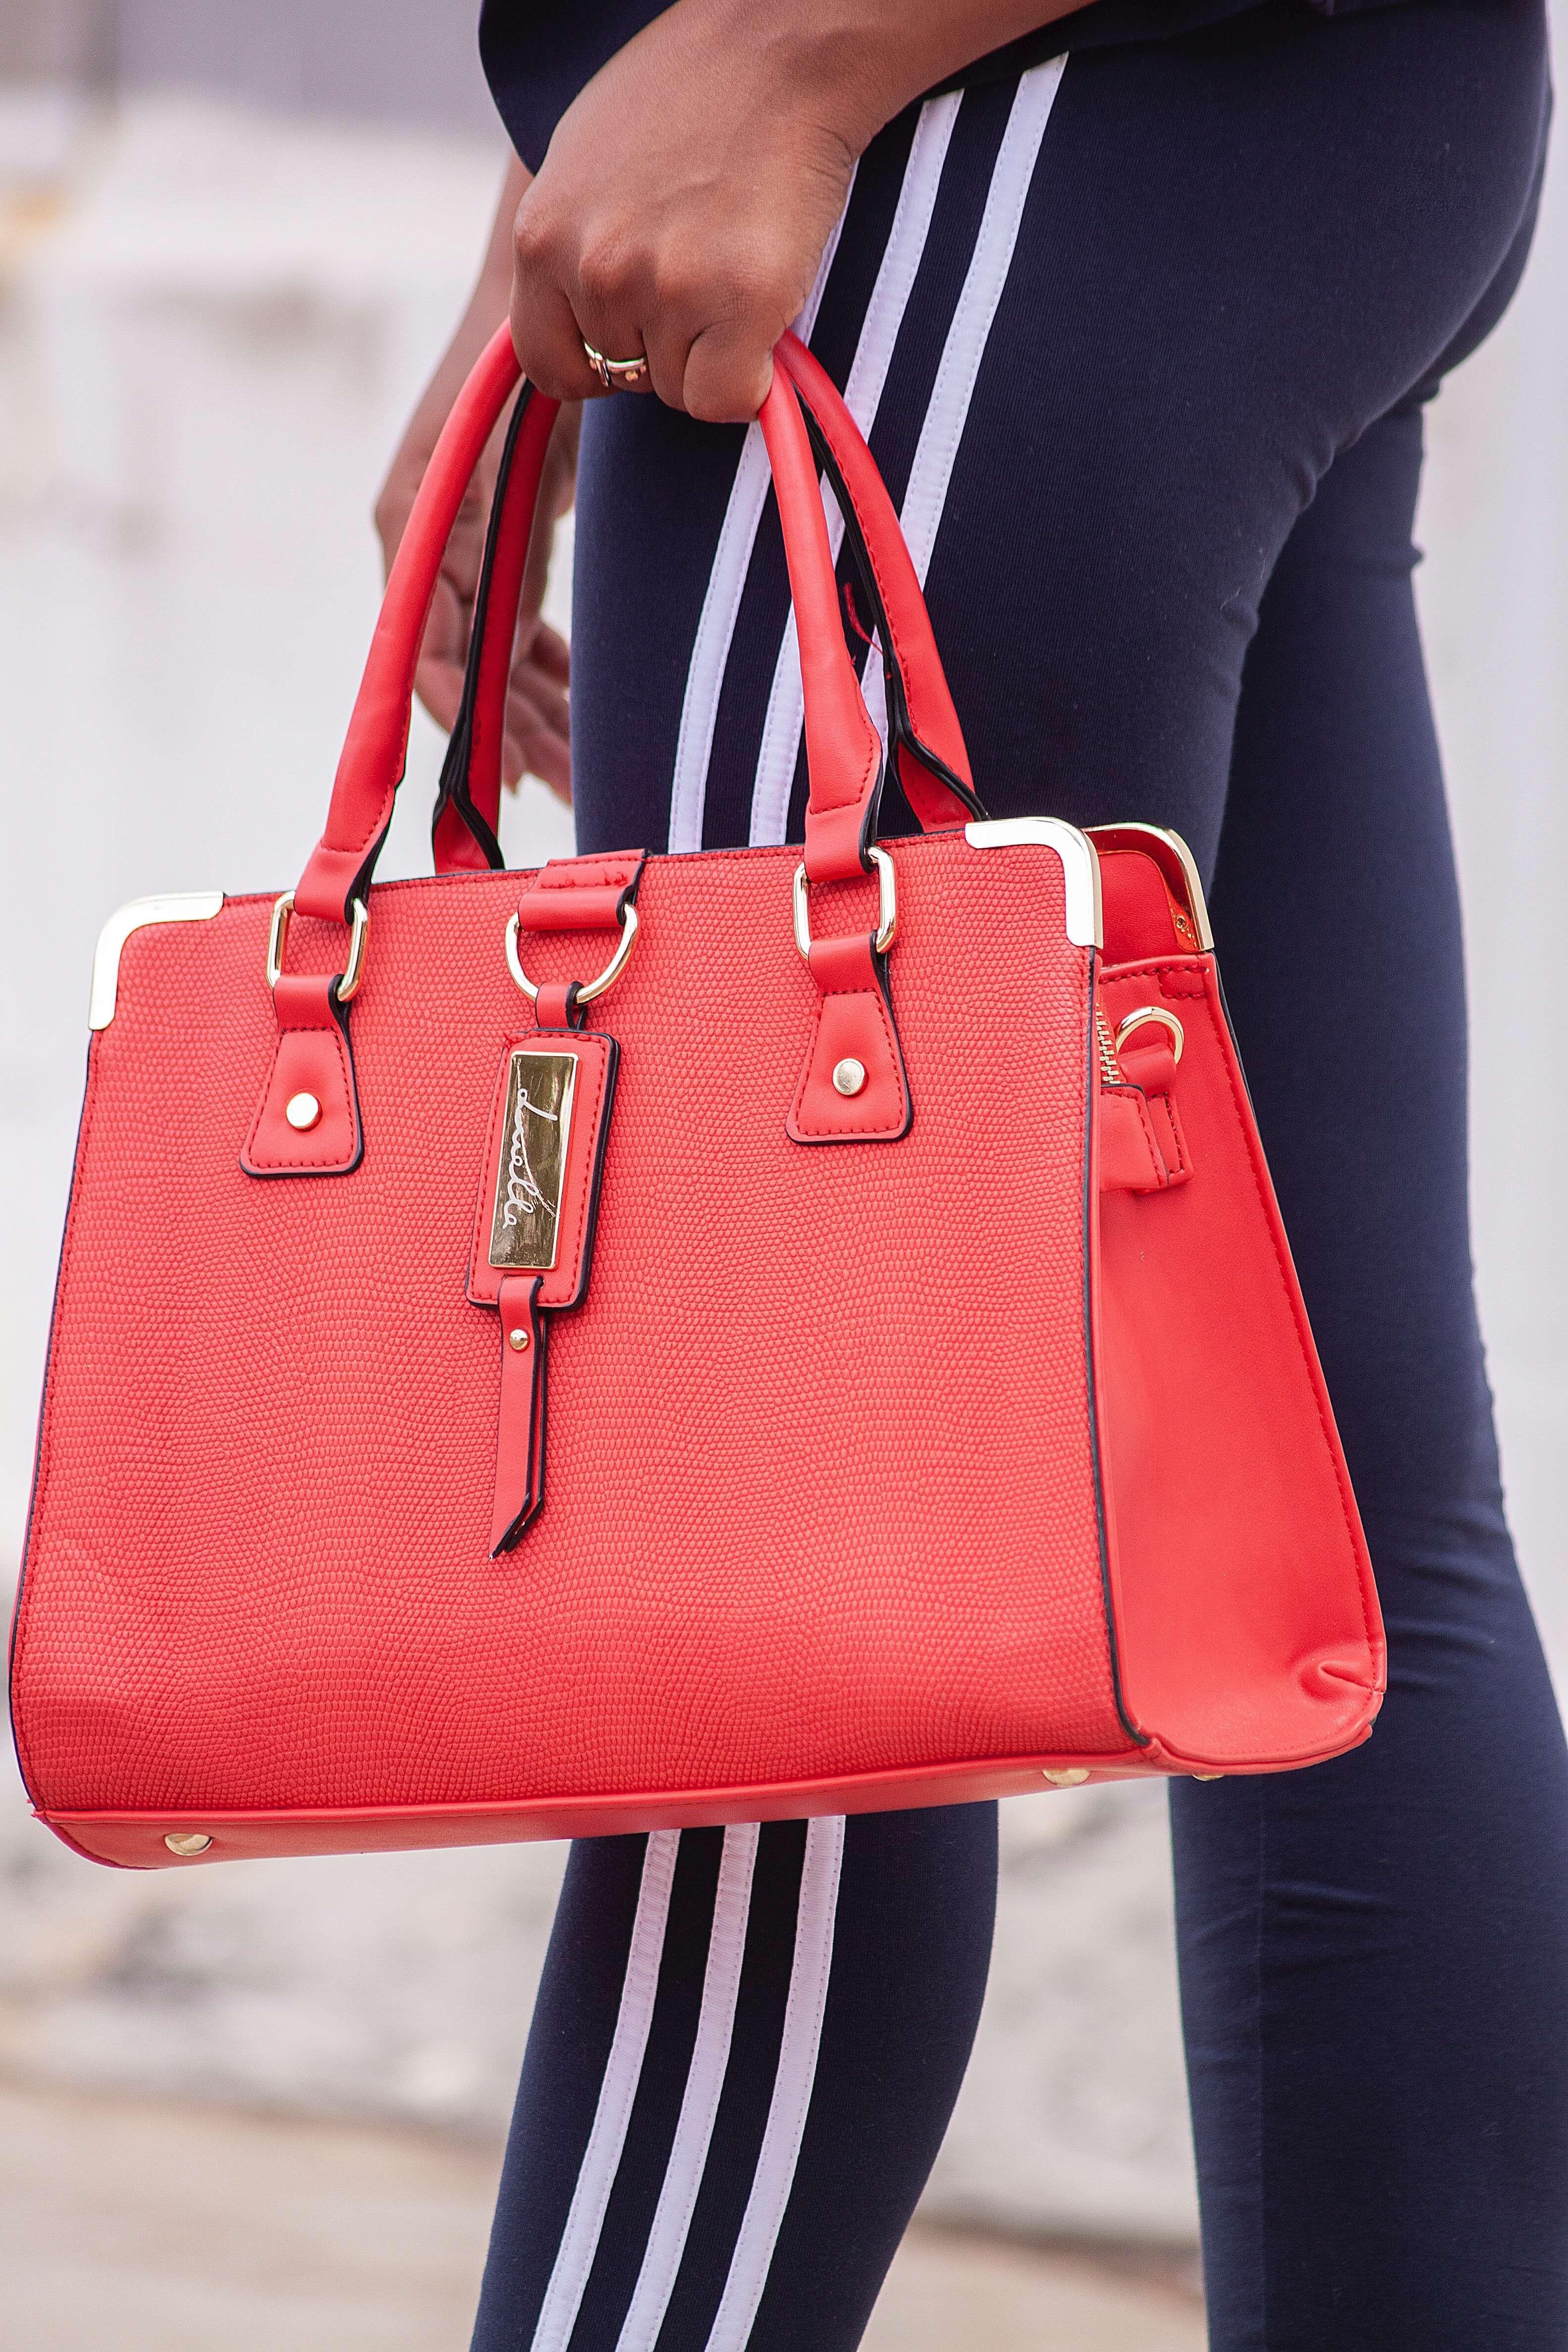 手に持った赤いトートバッグ